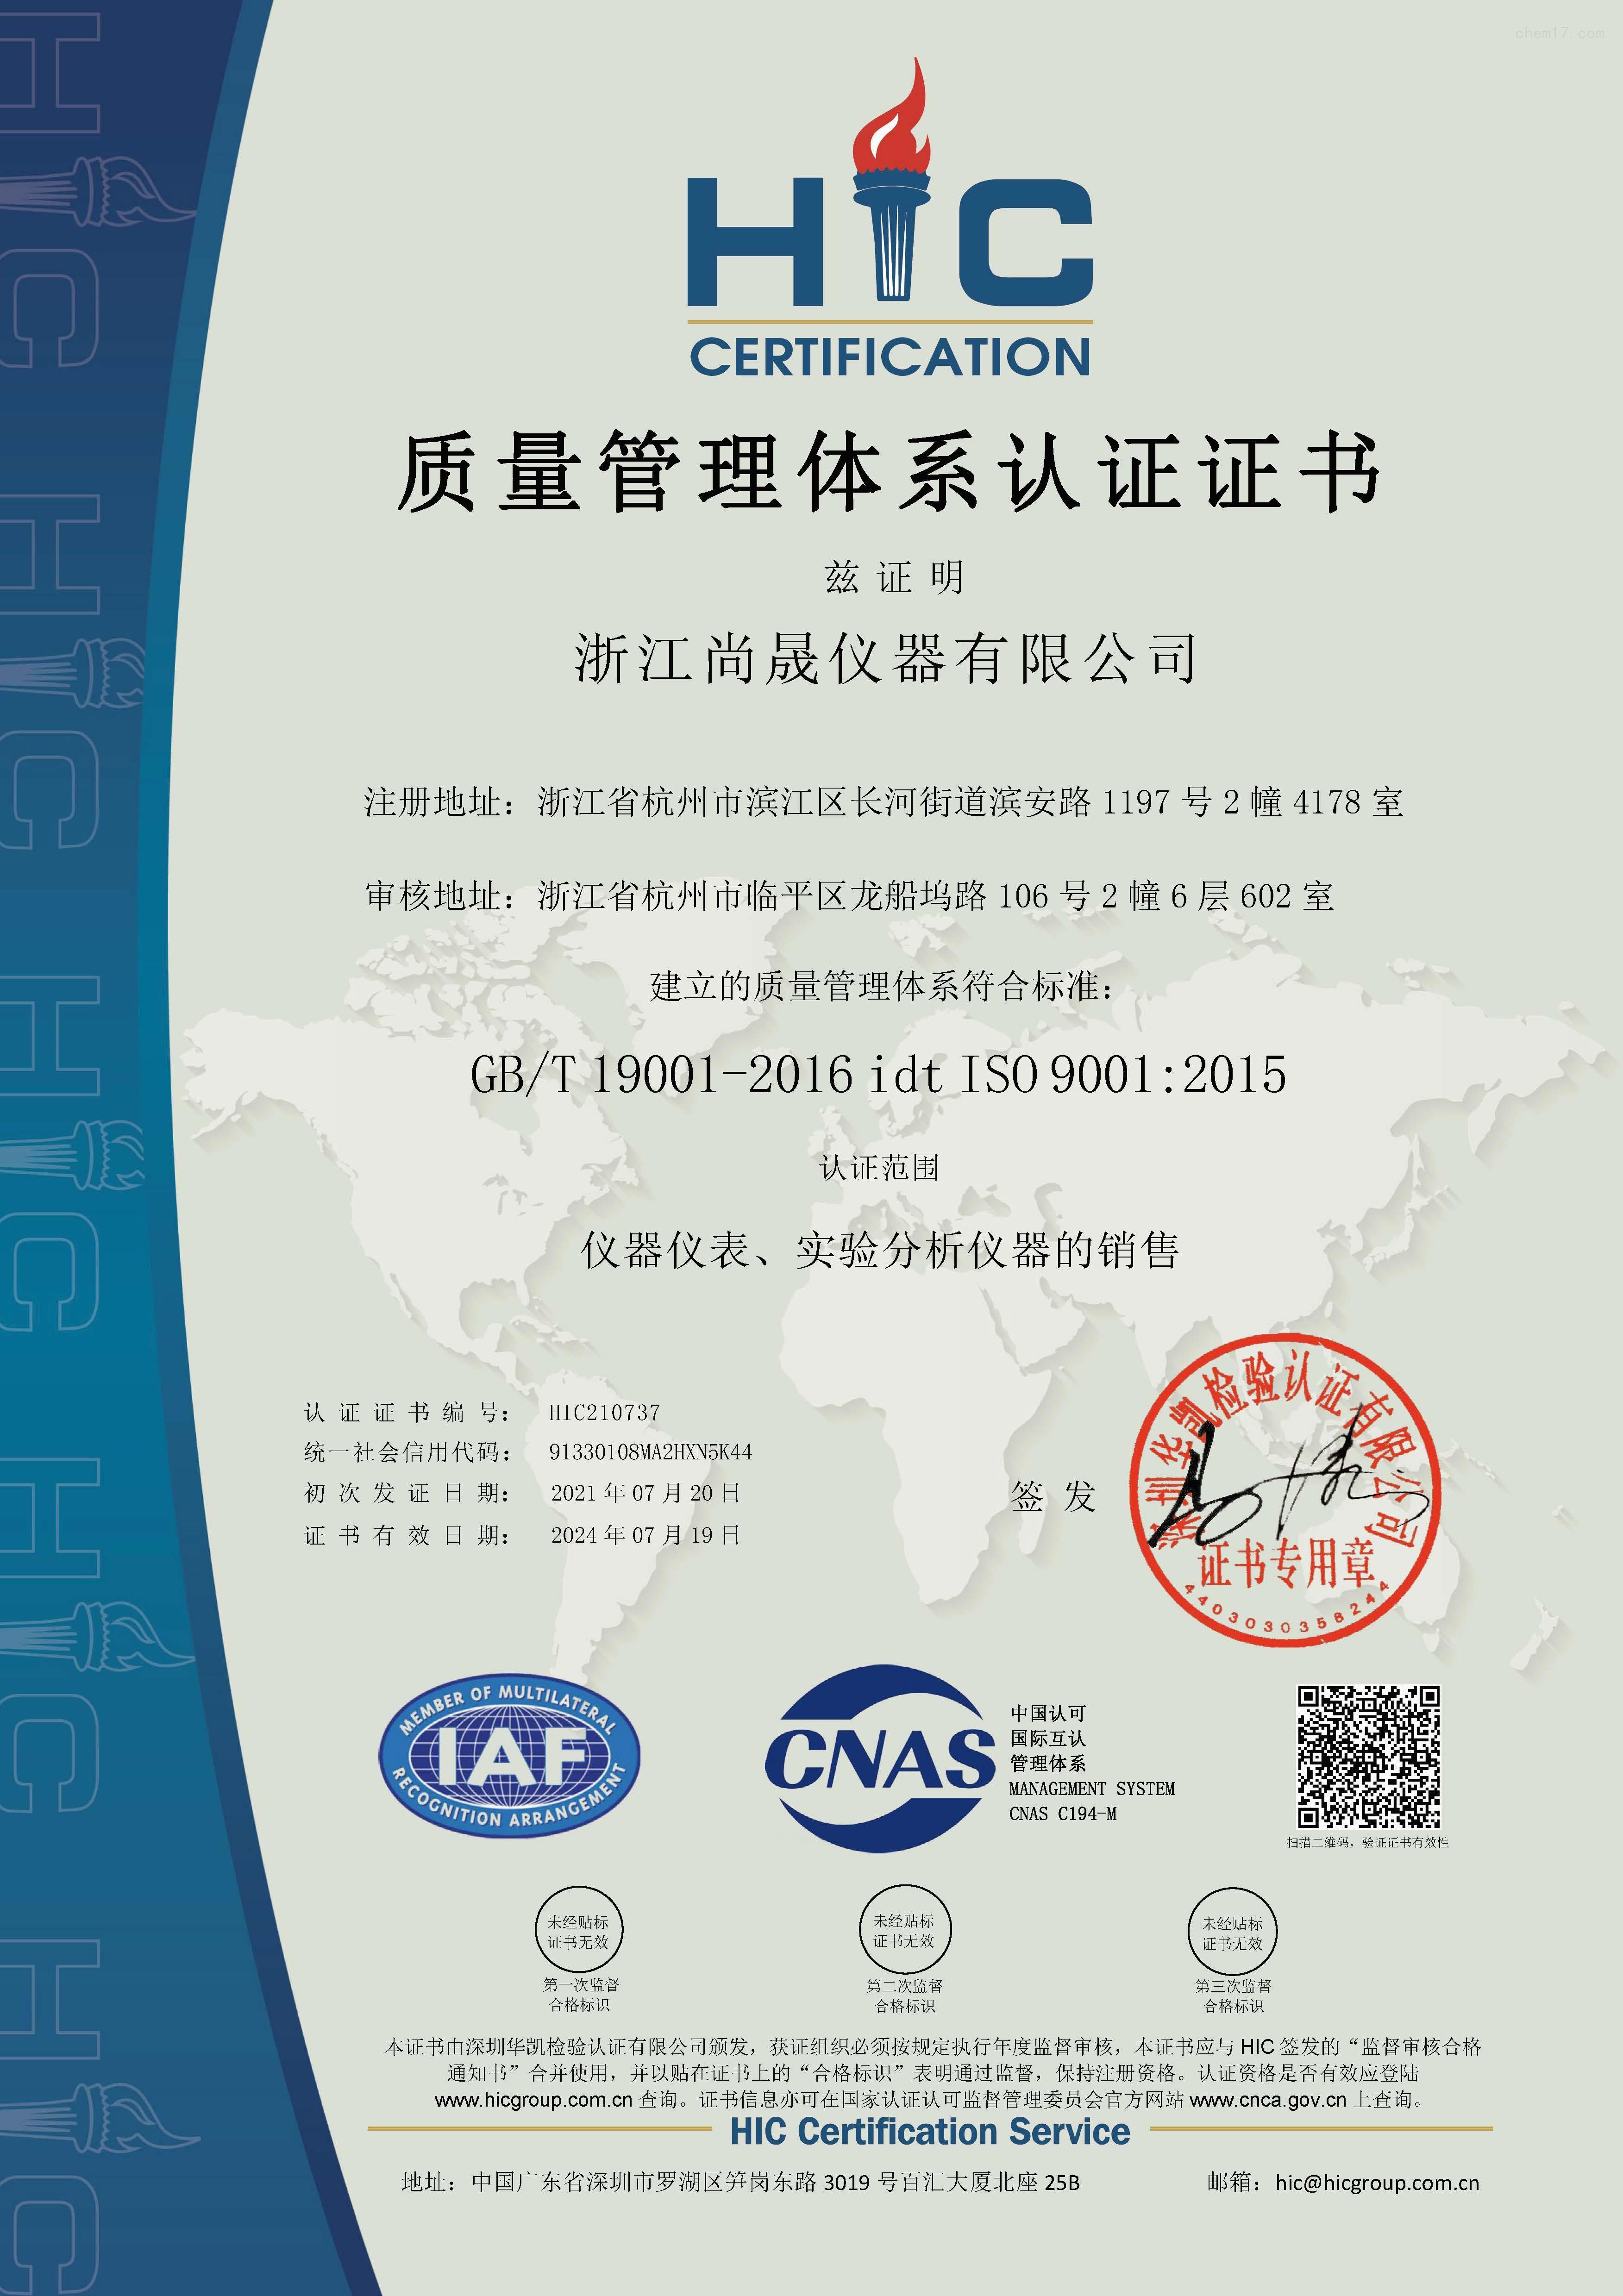 喜訊:熱烈祝賀我司榮獲ISO9001認證